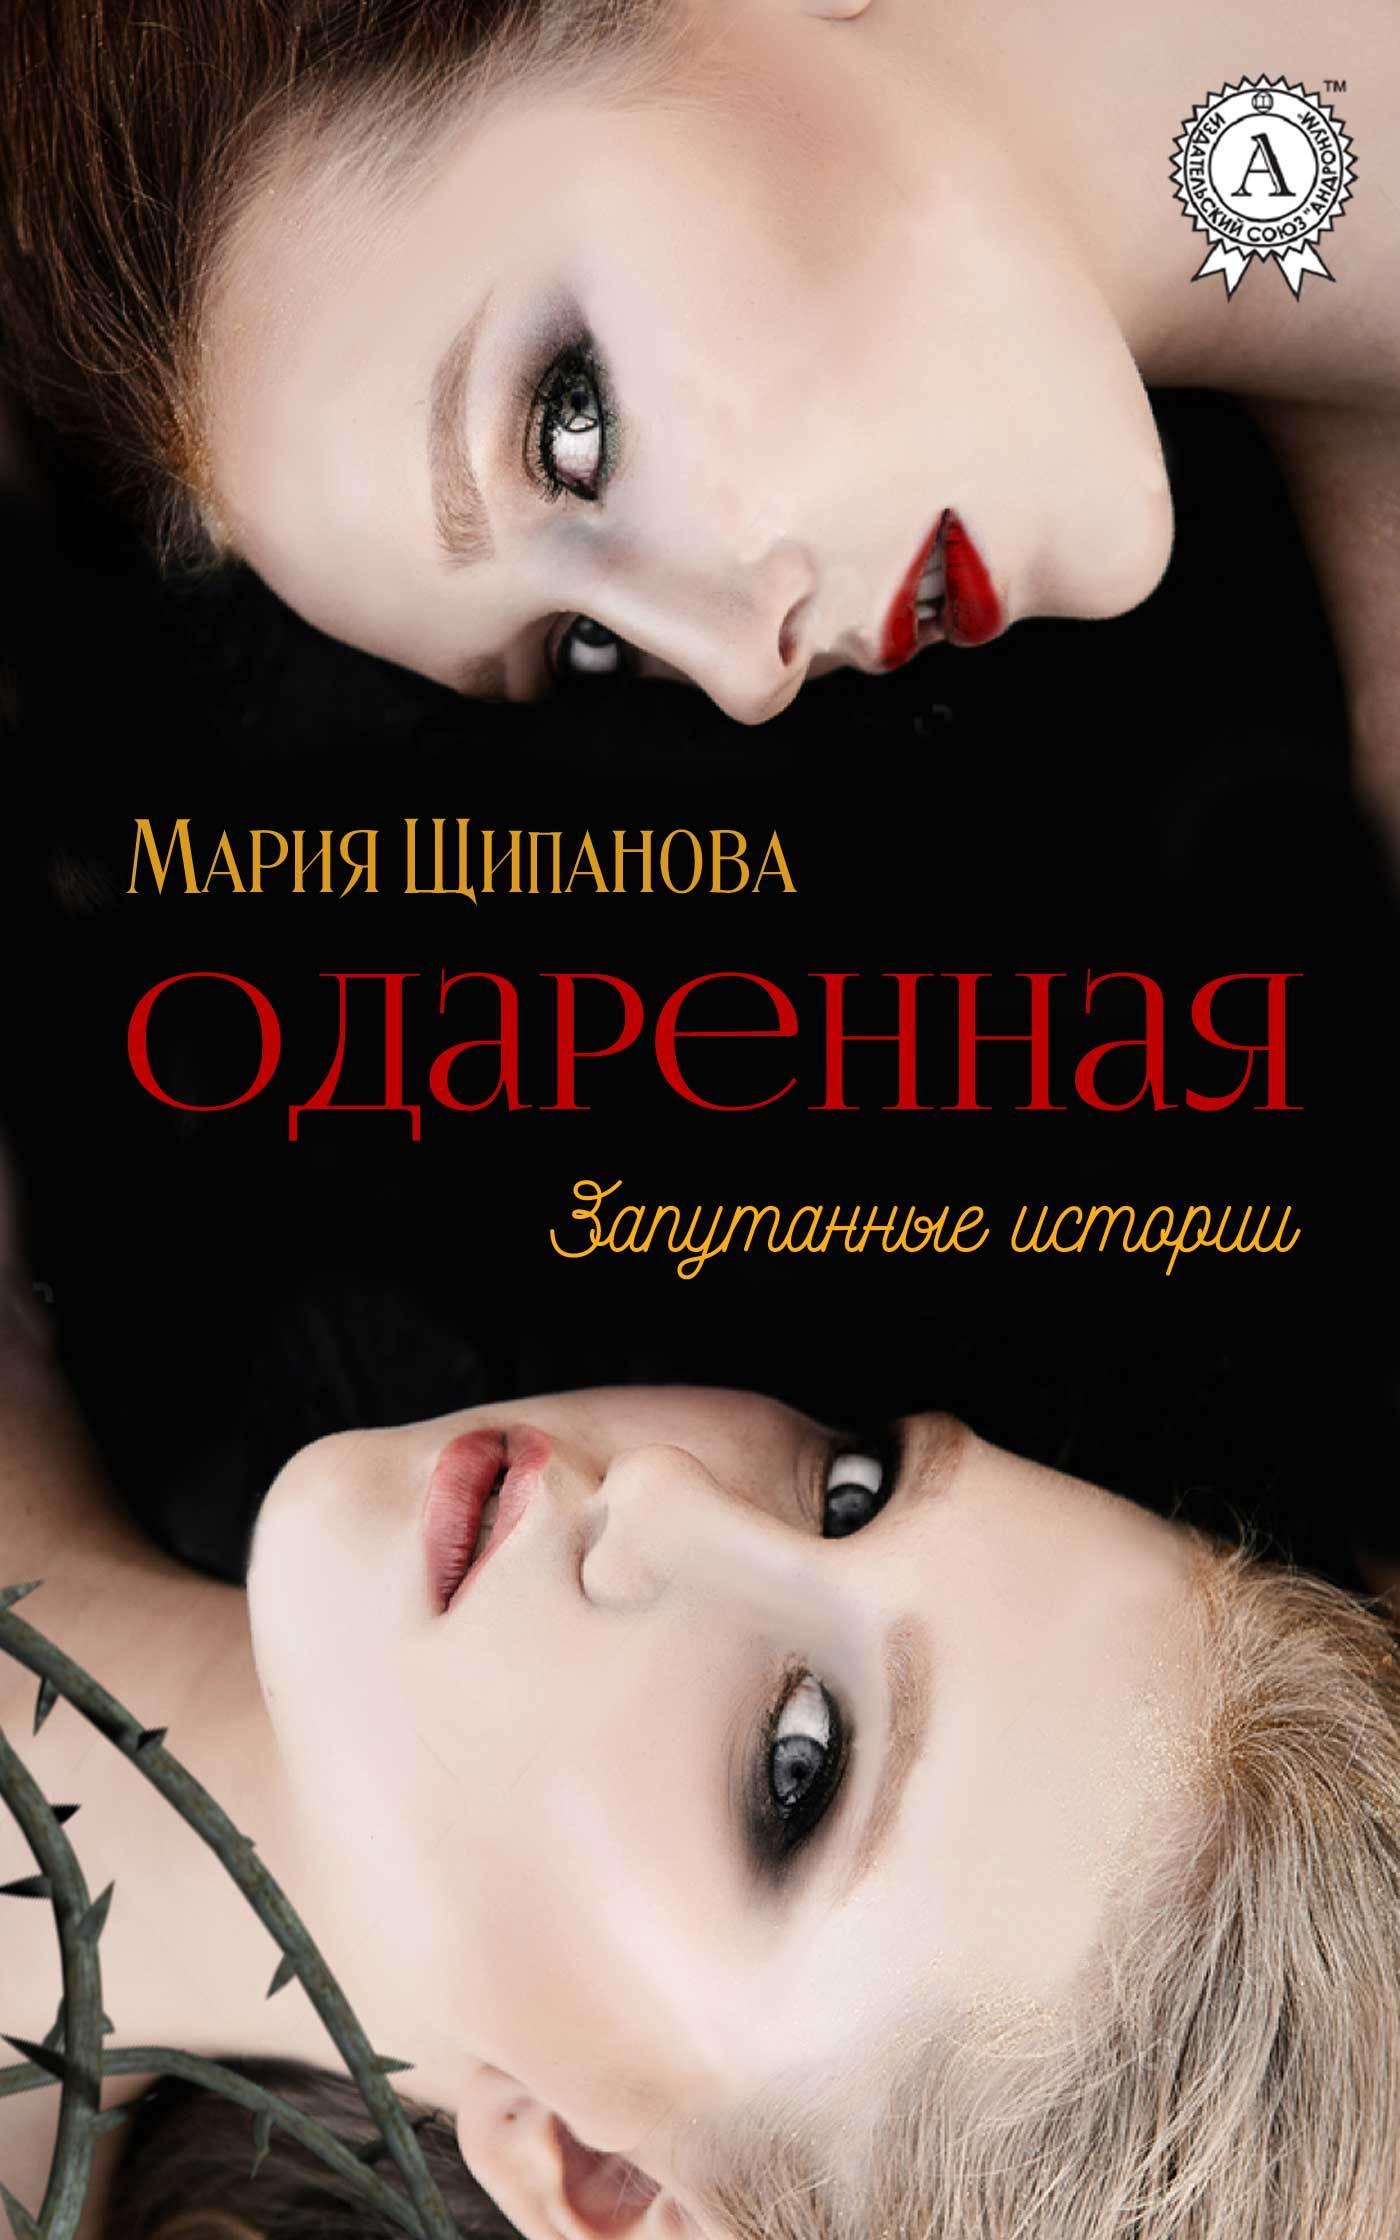 Мария Щипанова - Одаренная